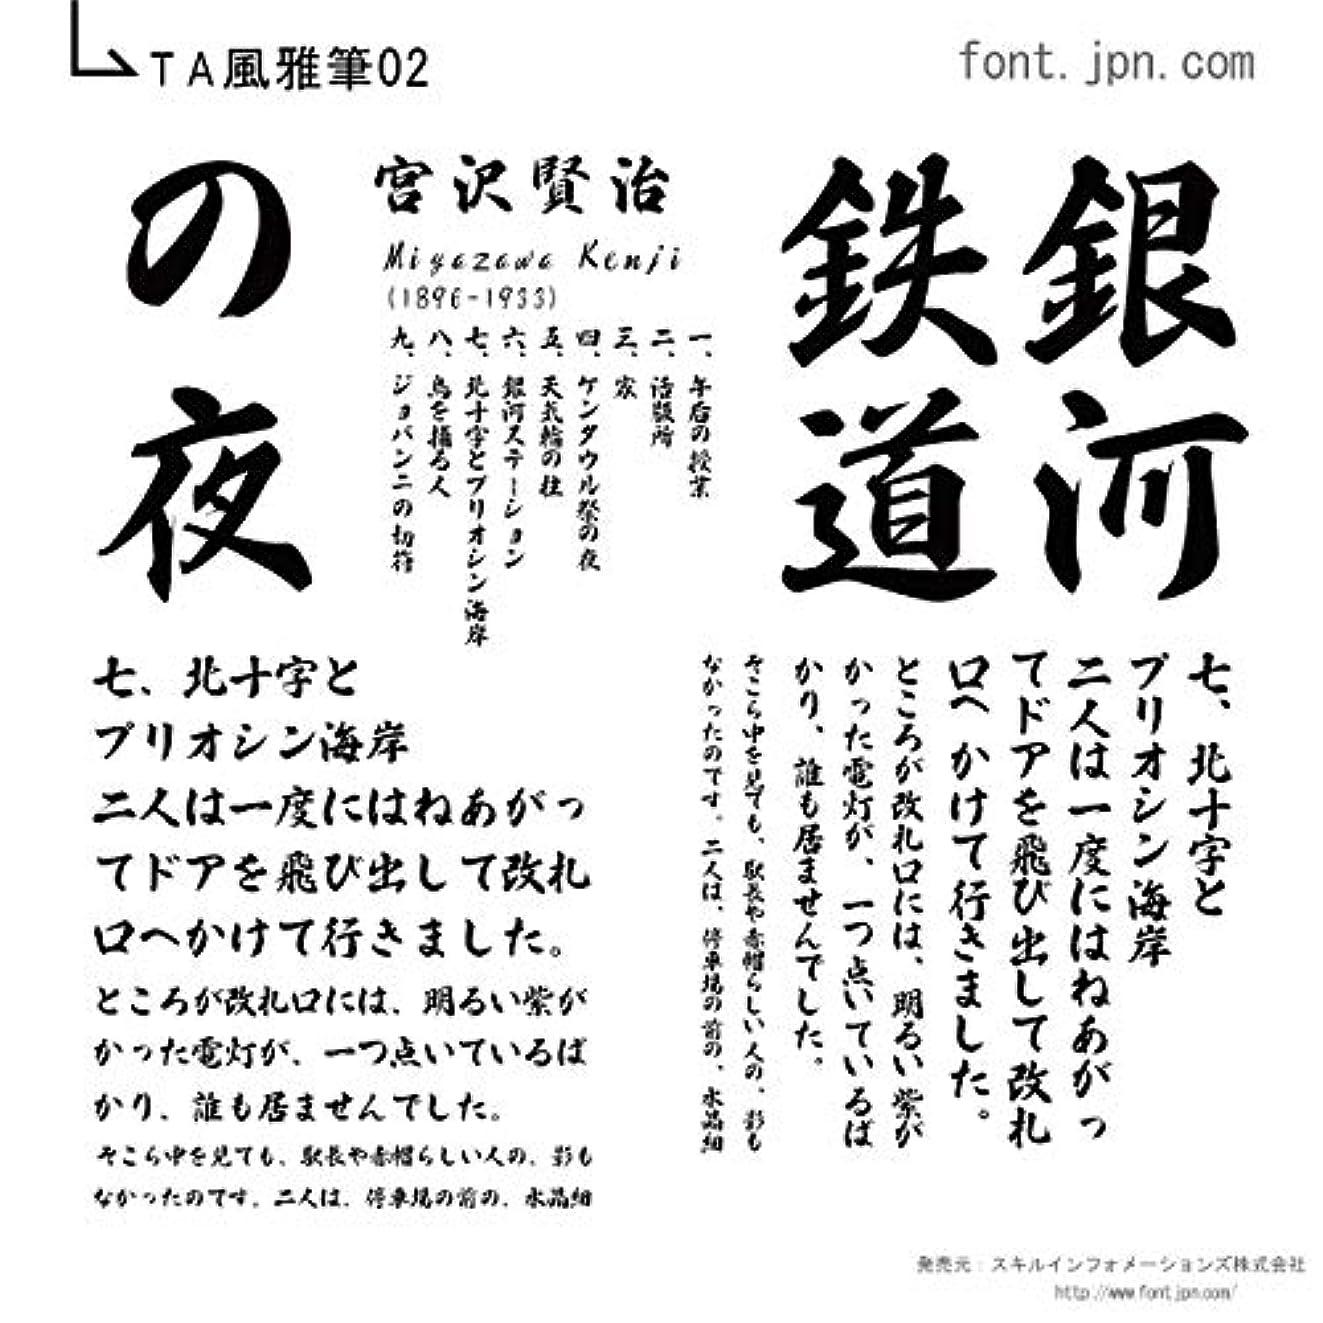 理解する音スモッグTA風雅筆02 (TA_fuga_fude_02_m) ダウンロード版